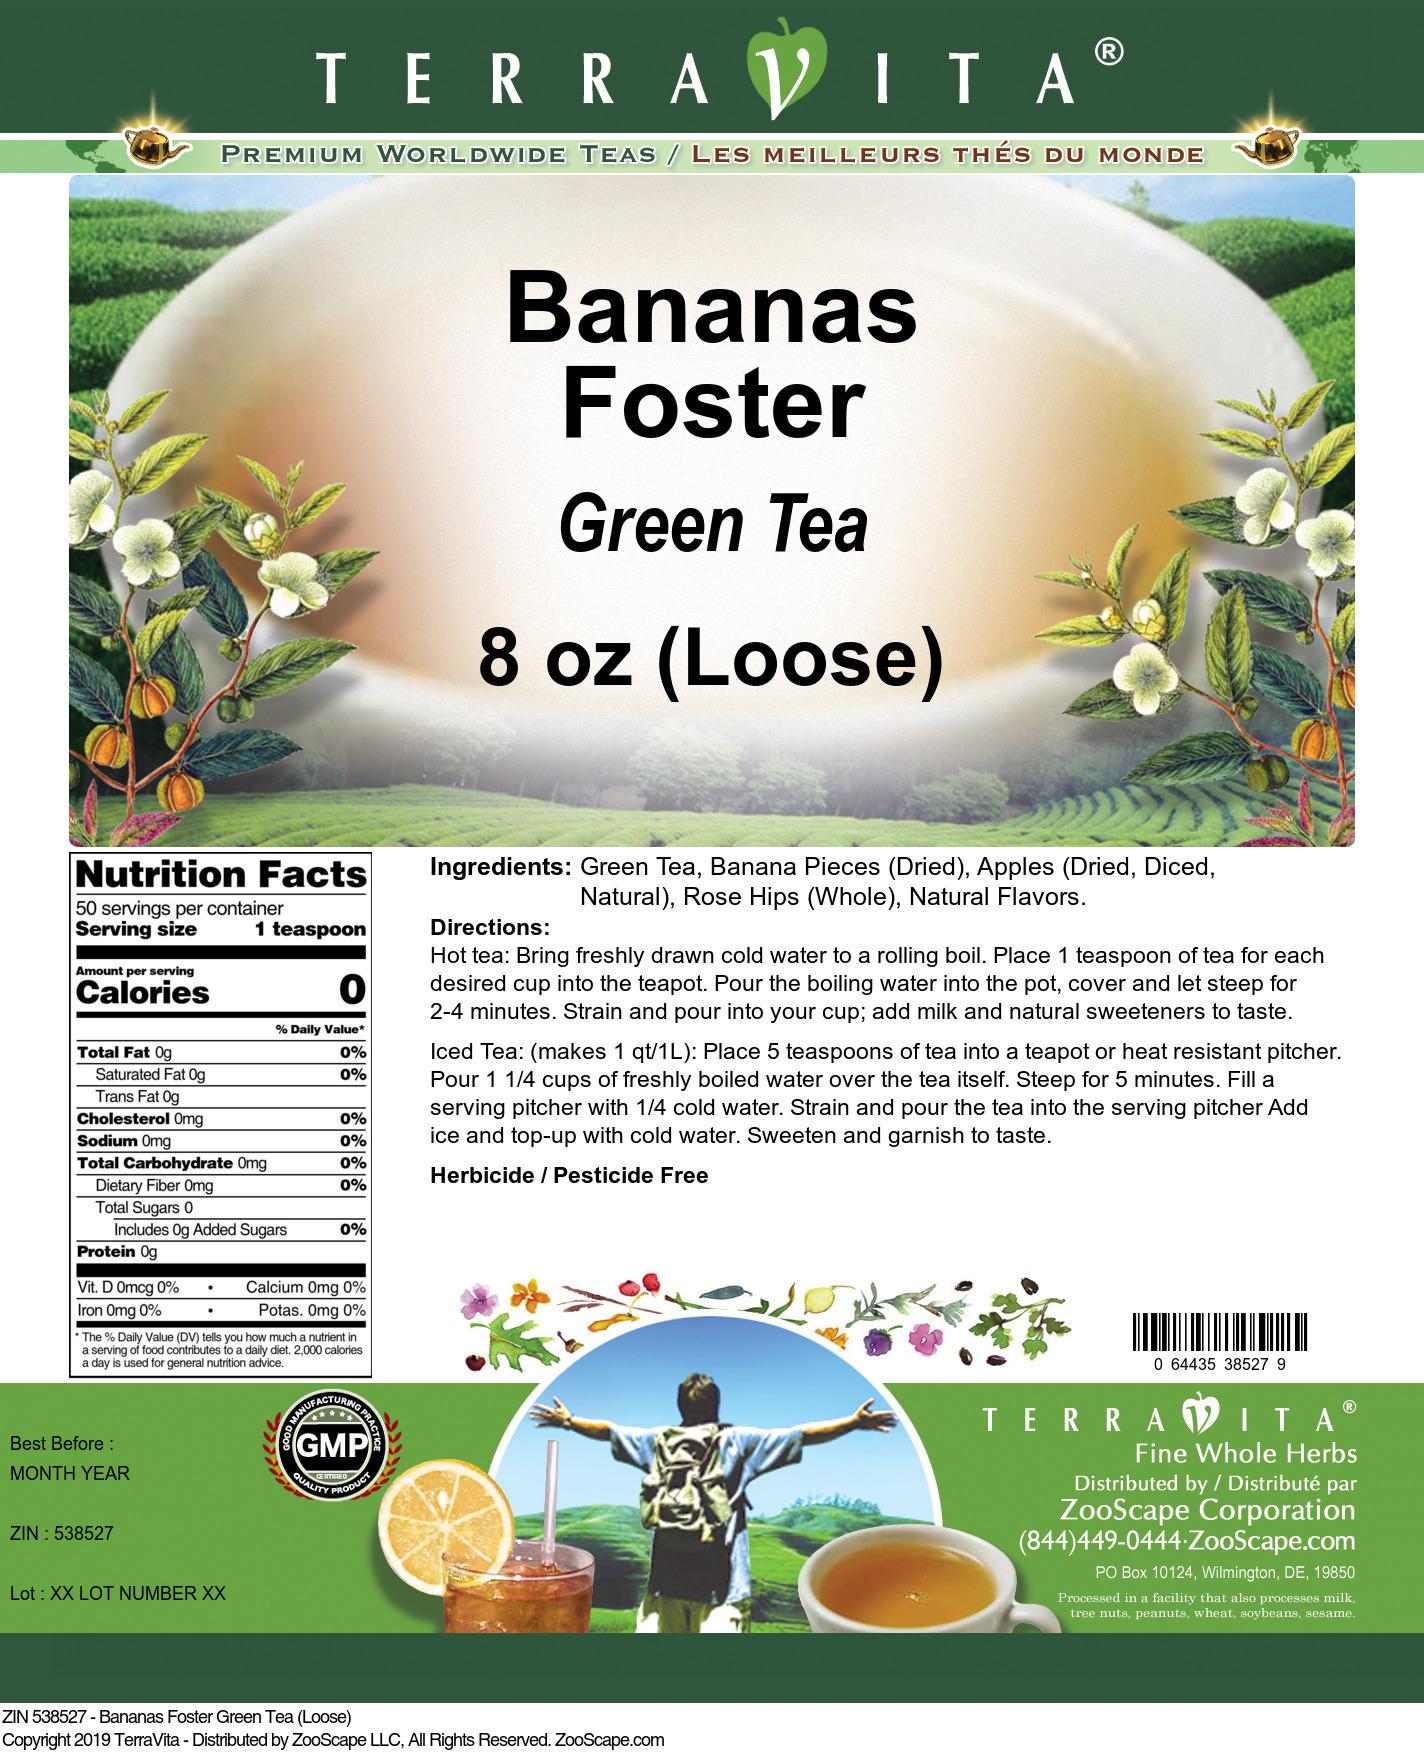 Banana Foster Green Tea